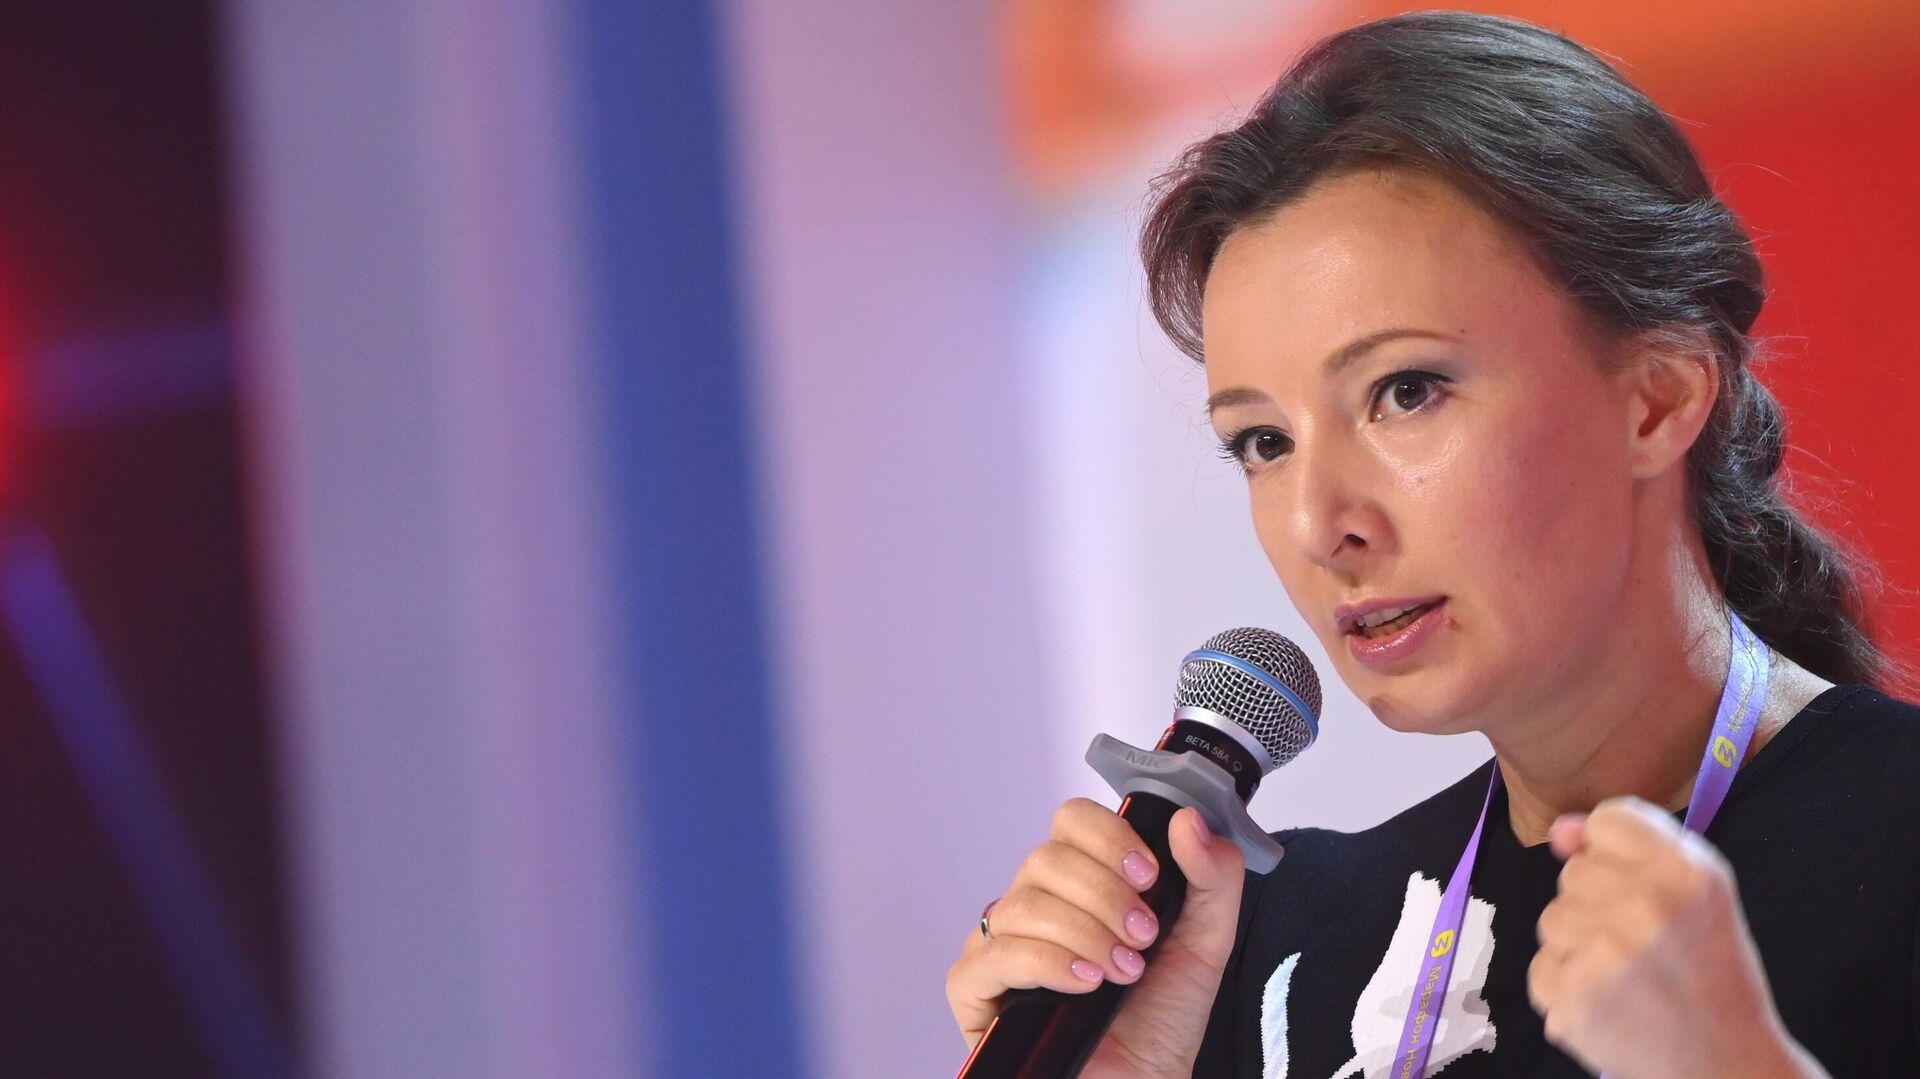 Путин освободил от должности детского омбудсмена Кузнецову из-за ее избрания в Госдуму